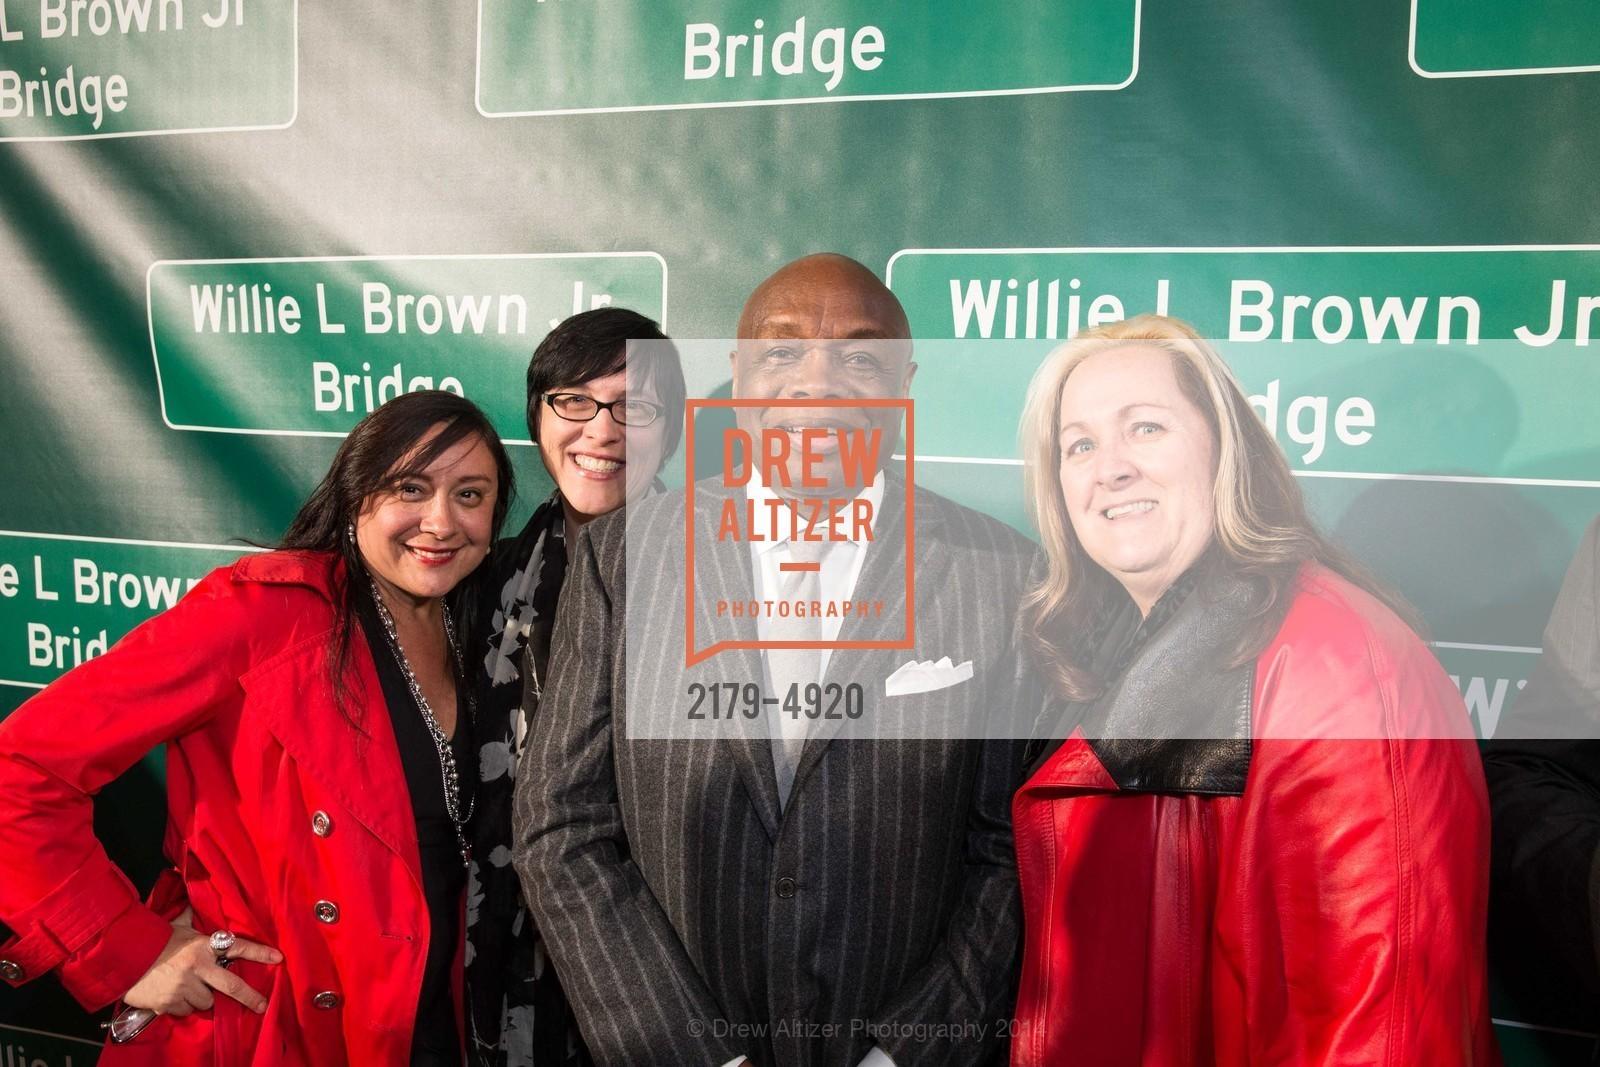 Willie Brown, Photo #2179-4920